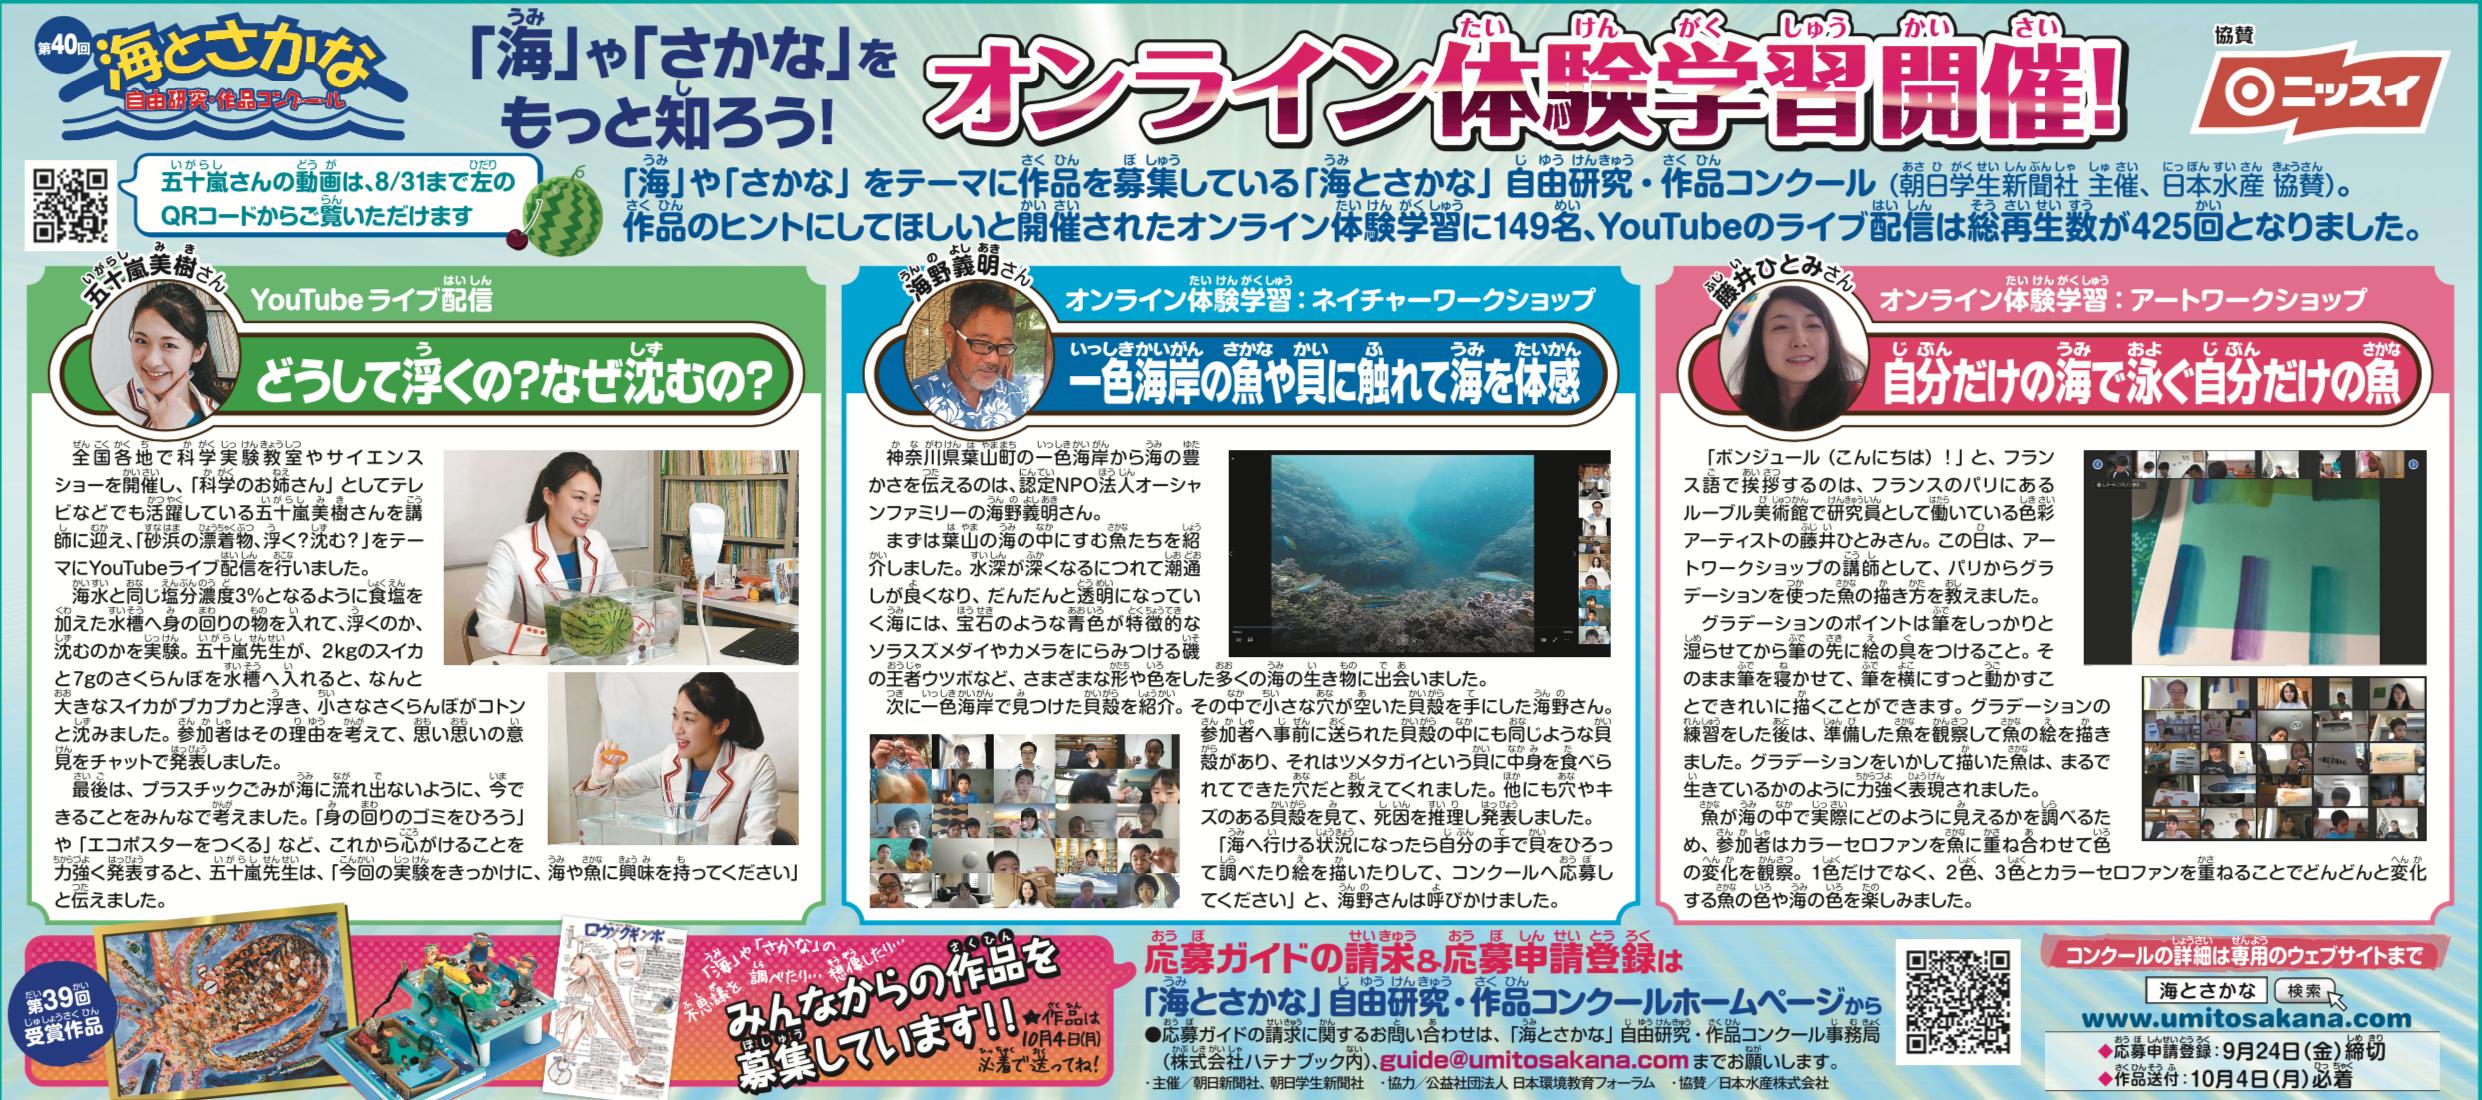 「海」や「さかな」をもっと知ろう!<br>オンライン体験学習開催!